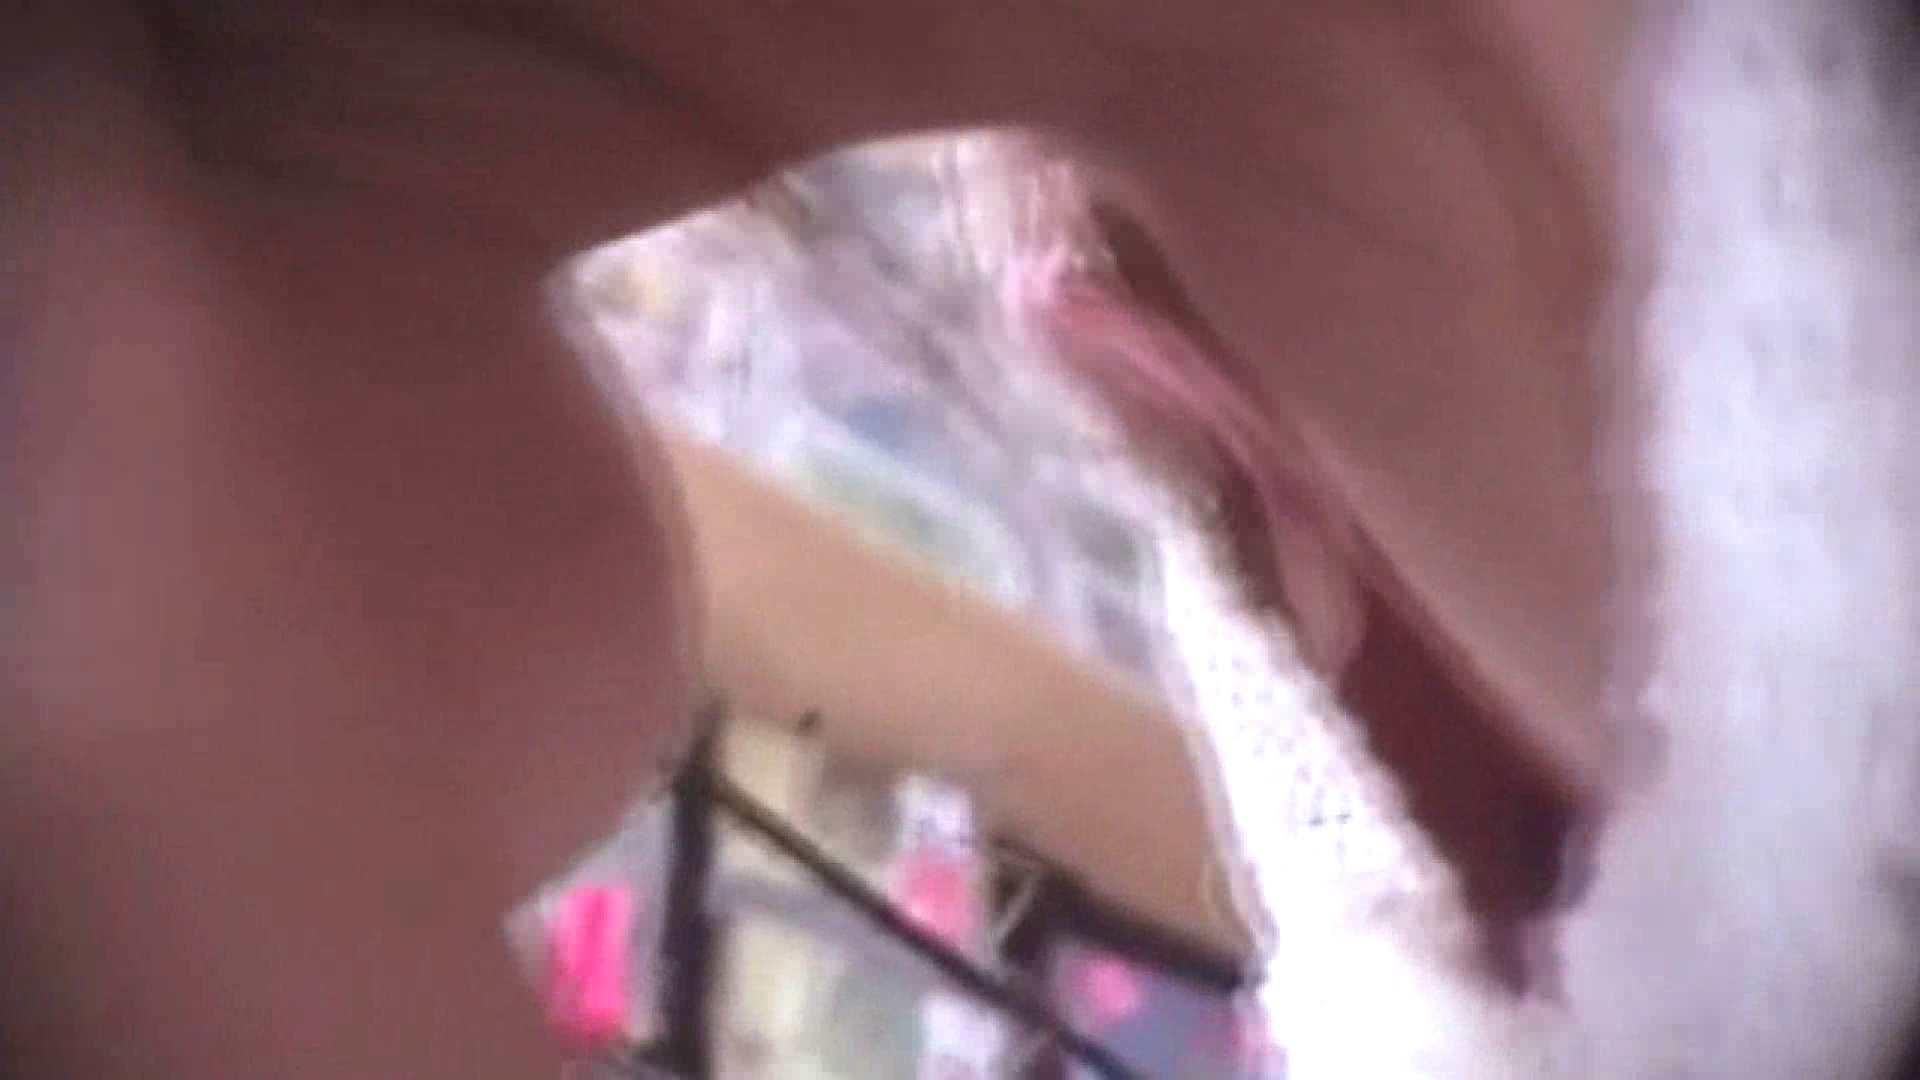 真剣に買い物中のgal達を上から下から狙います。vol.02 OLのエロ生活 | JKのエロ生活  103連発 97